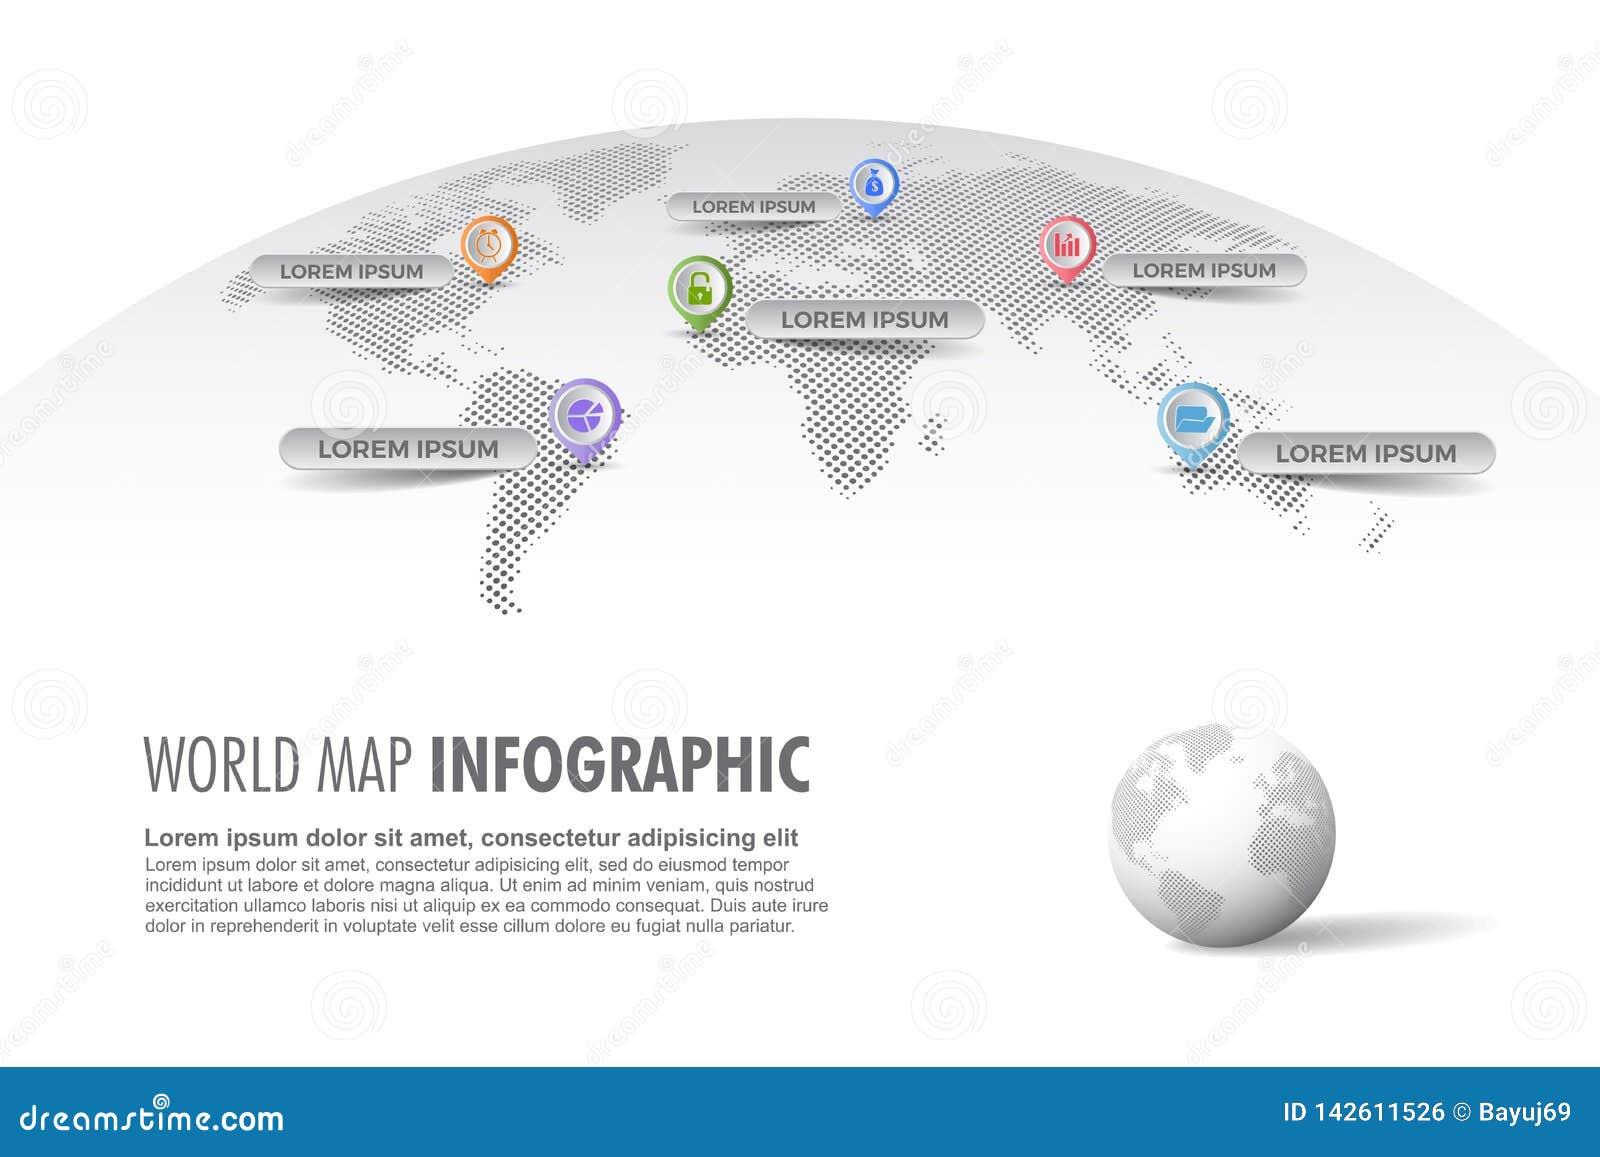 Светлый шаблон карты мира полутонового изображения infographic с глобусом,